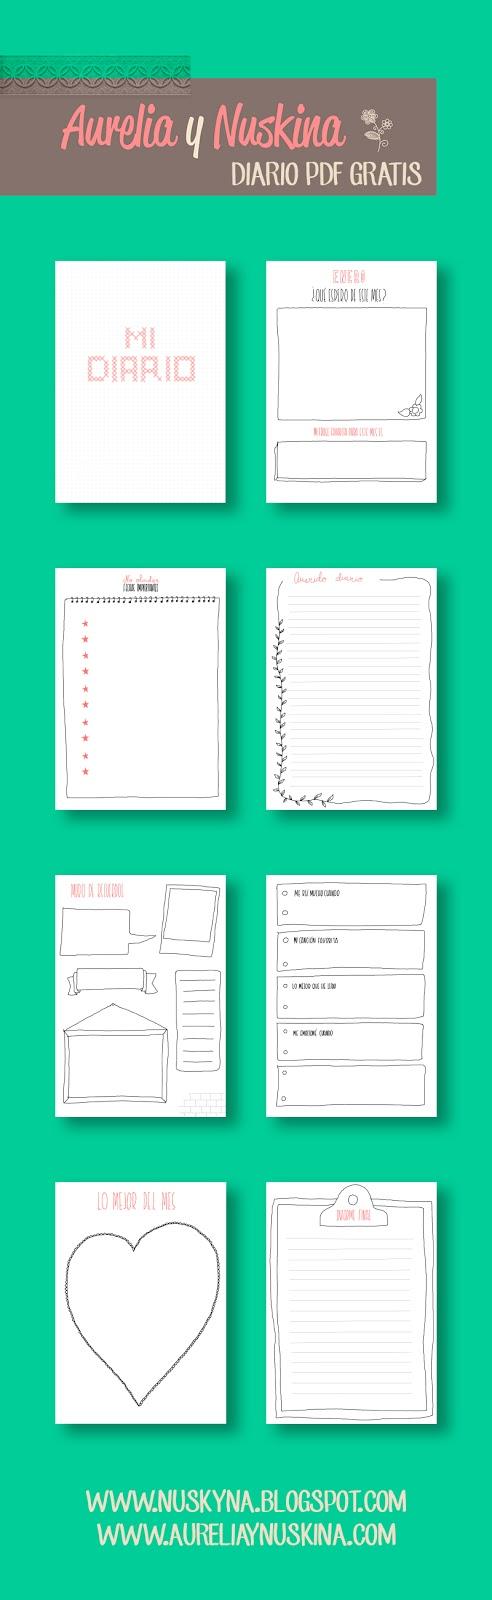 Diario personal imprimibles gratis